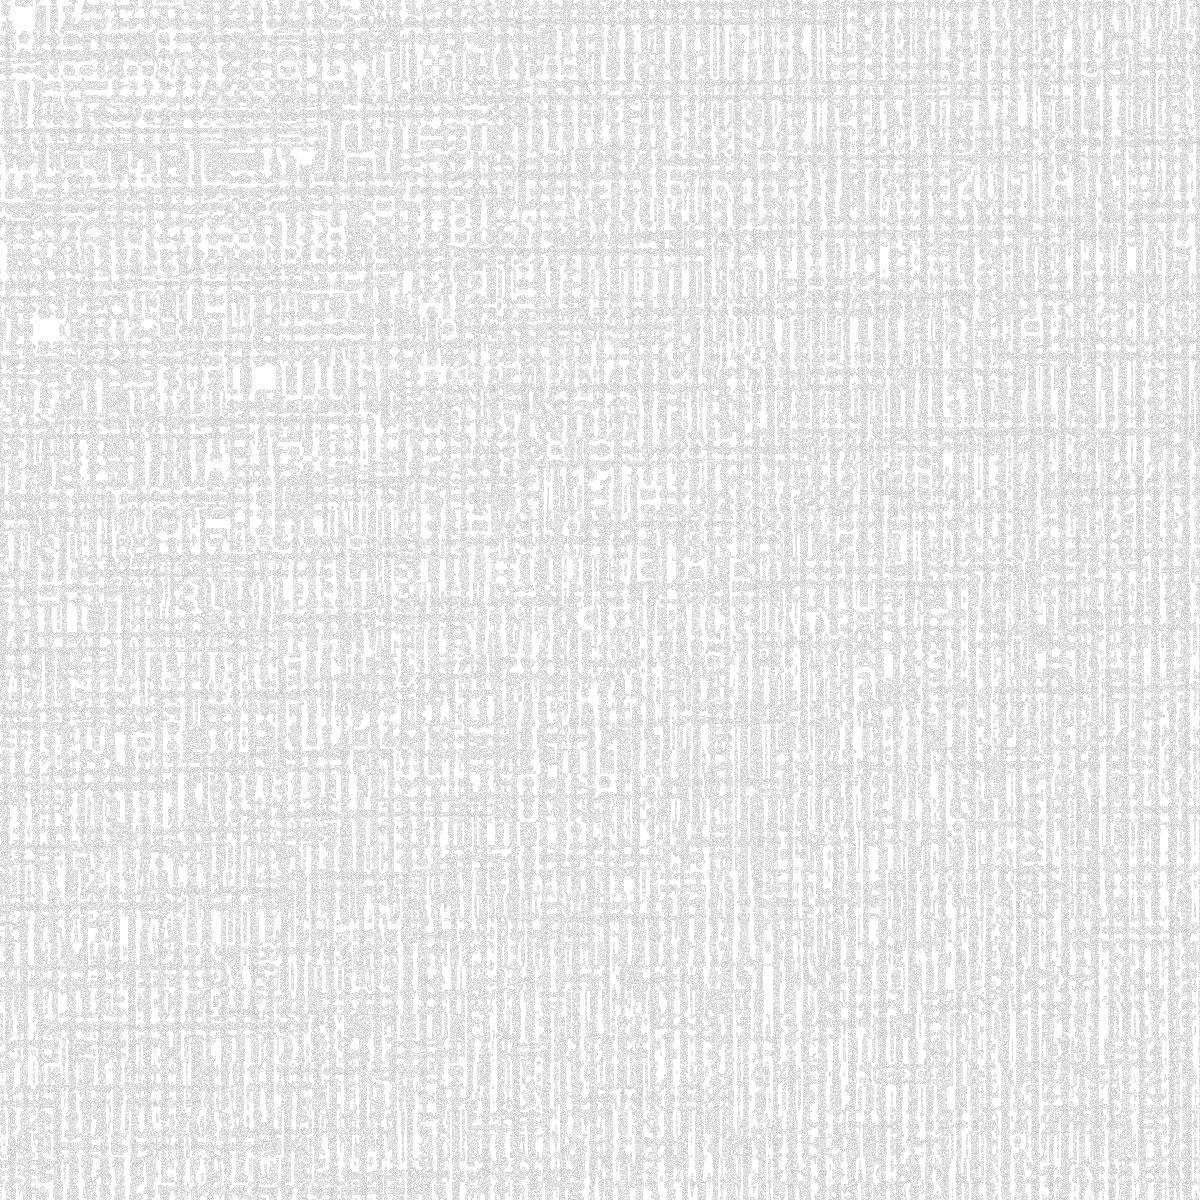 white-4.jpg